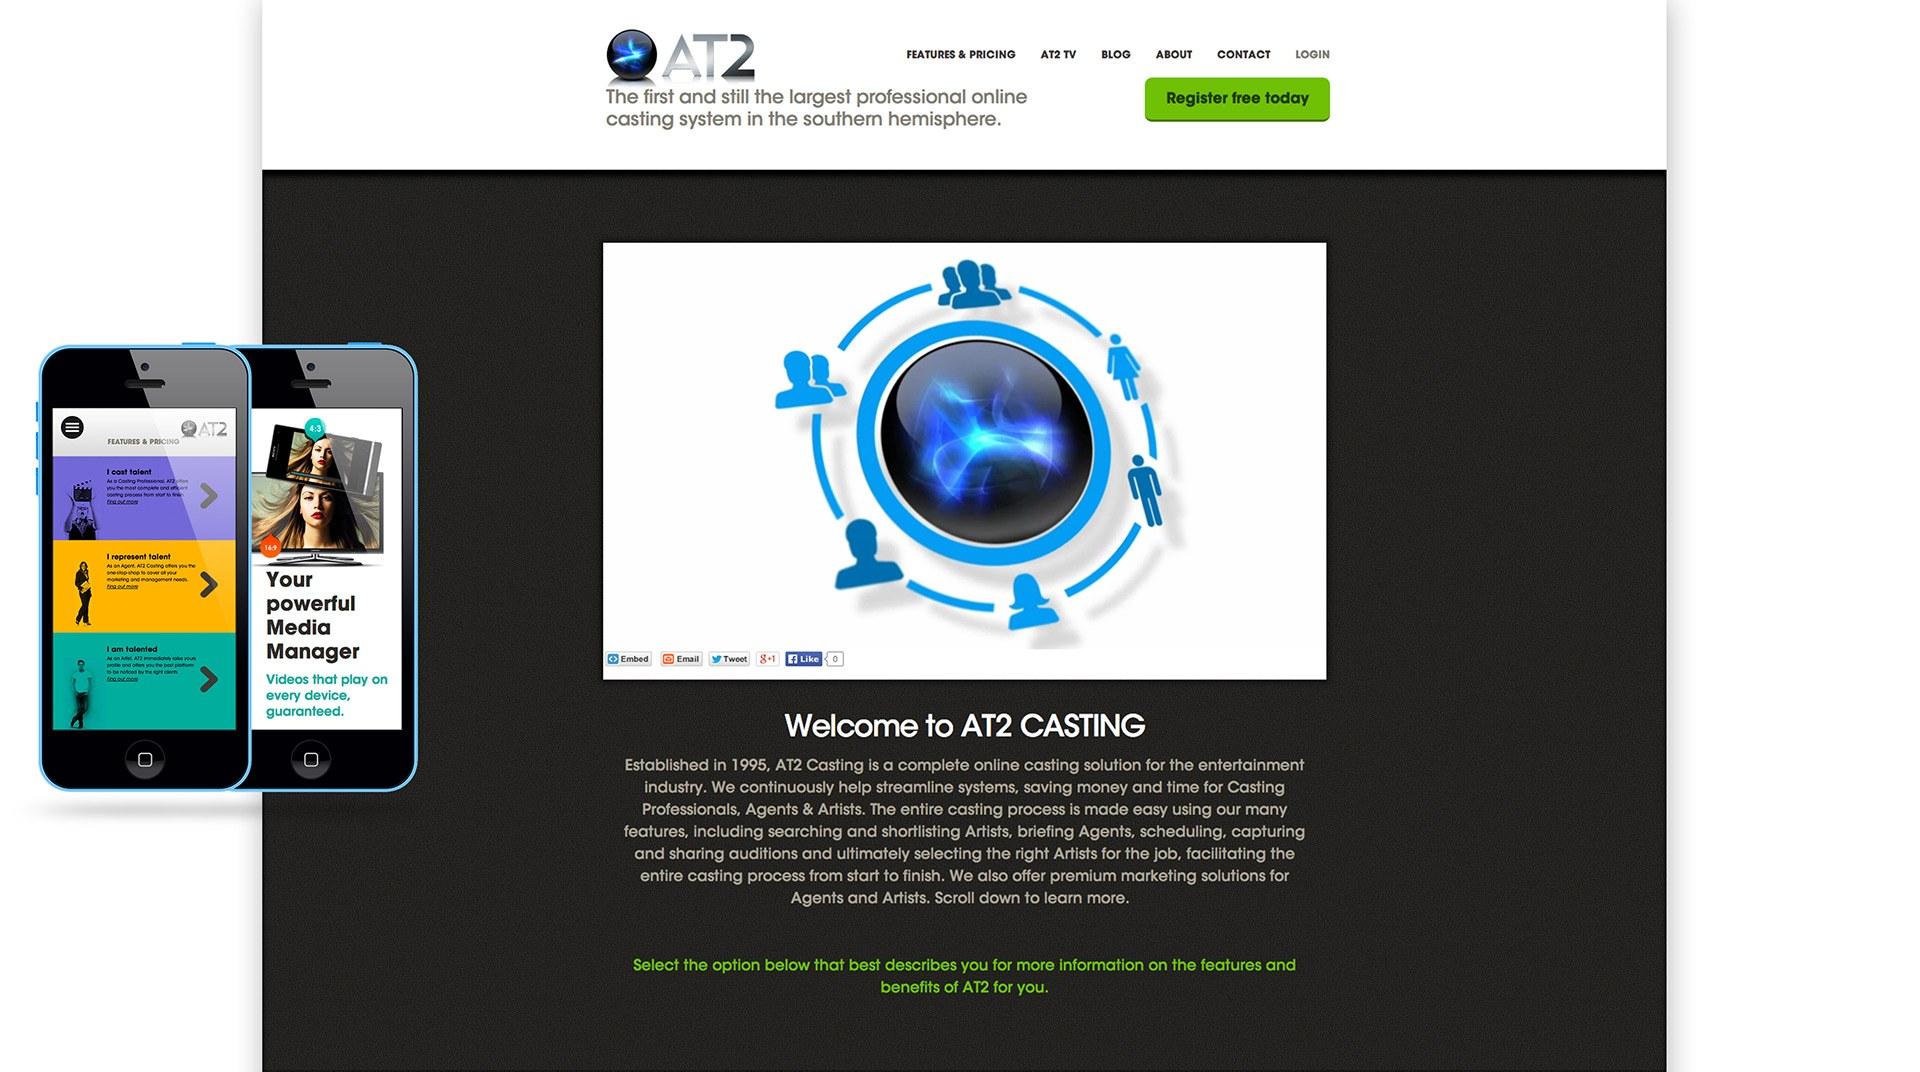 53d9ed3210e860060554712d_AT2Casting-ProjectPart-1.jpg